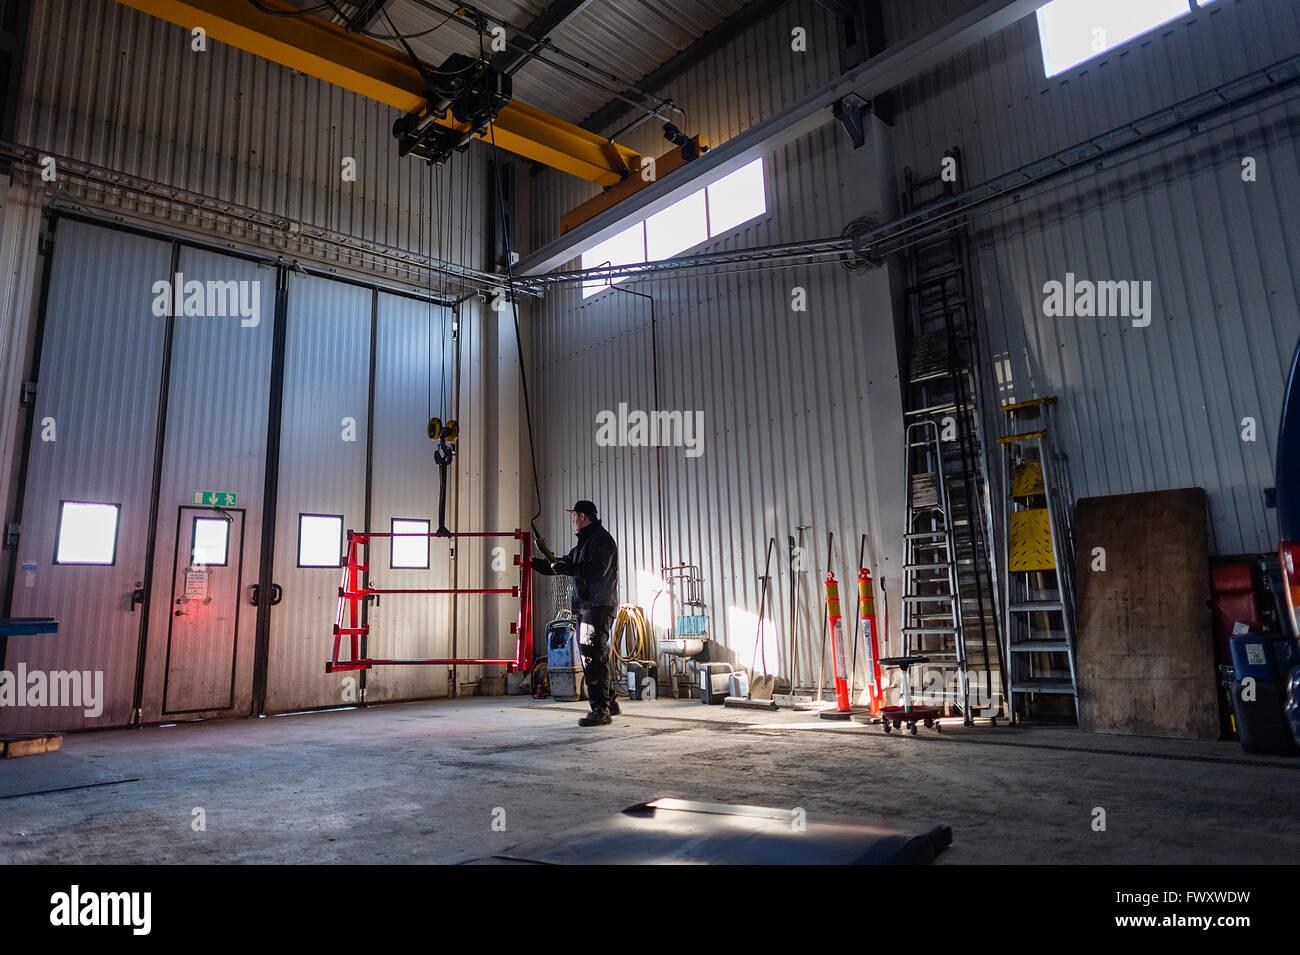 Suecia, adolescente (16-17) bastidor metálico de pulverización de pintura en el taller Imagen De Stock